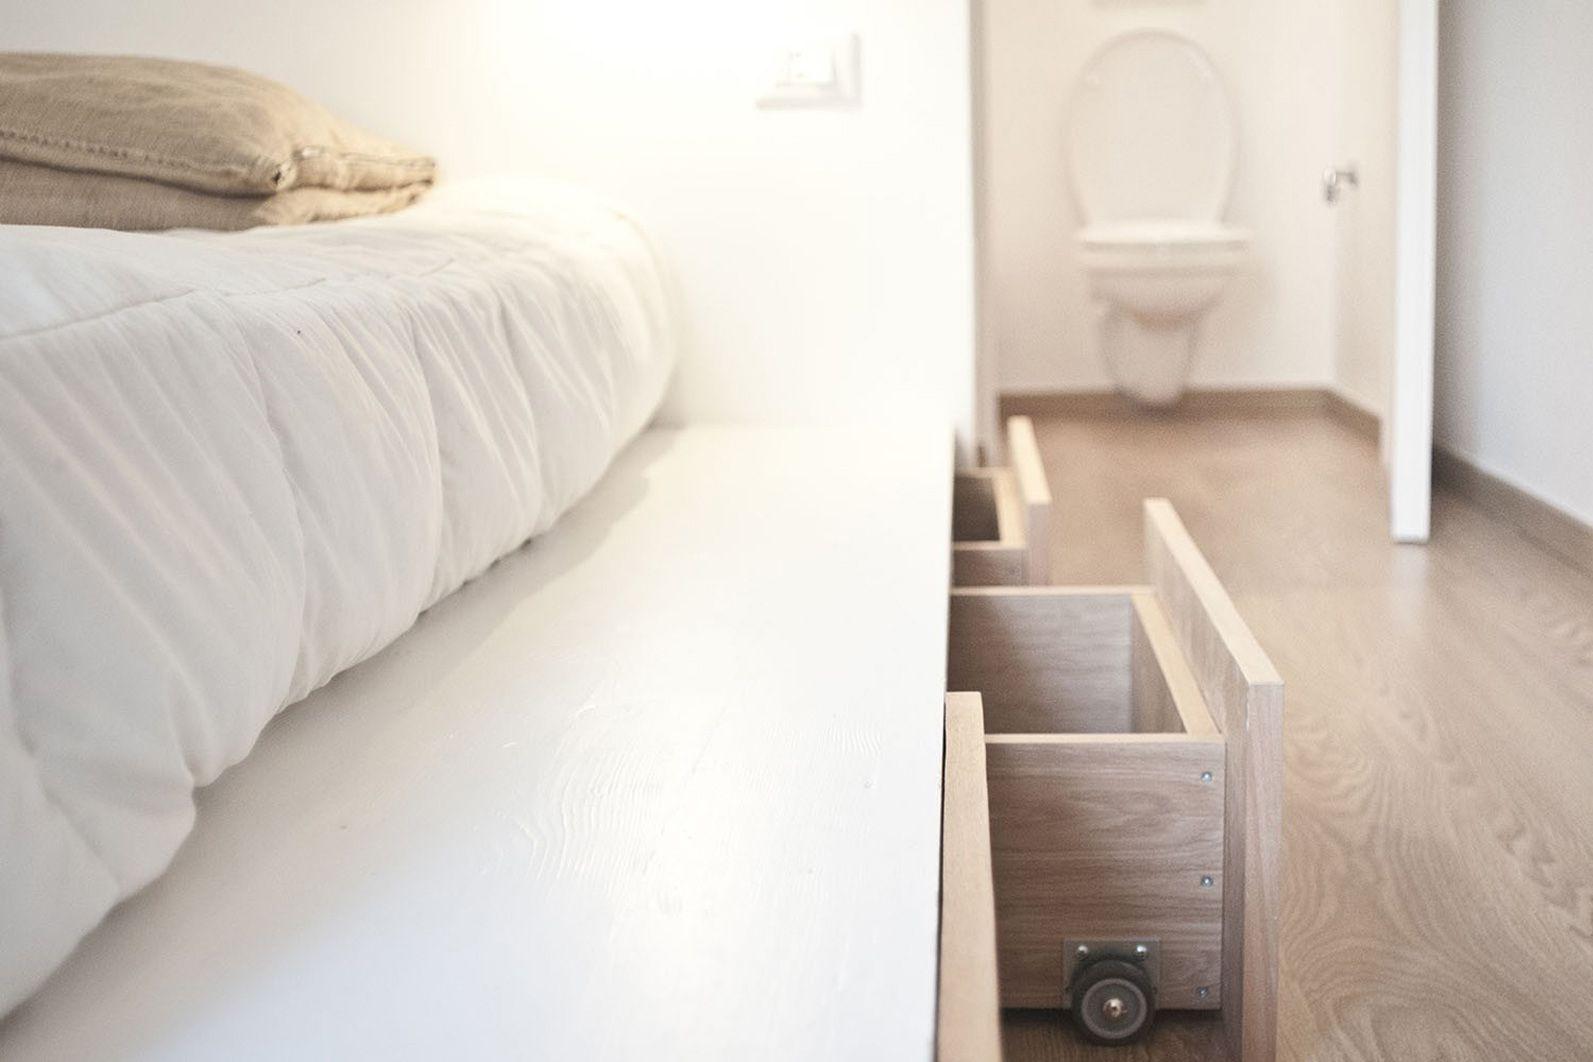 cajones de almacenamiento con ruedas para cama